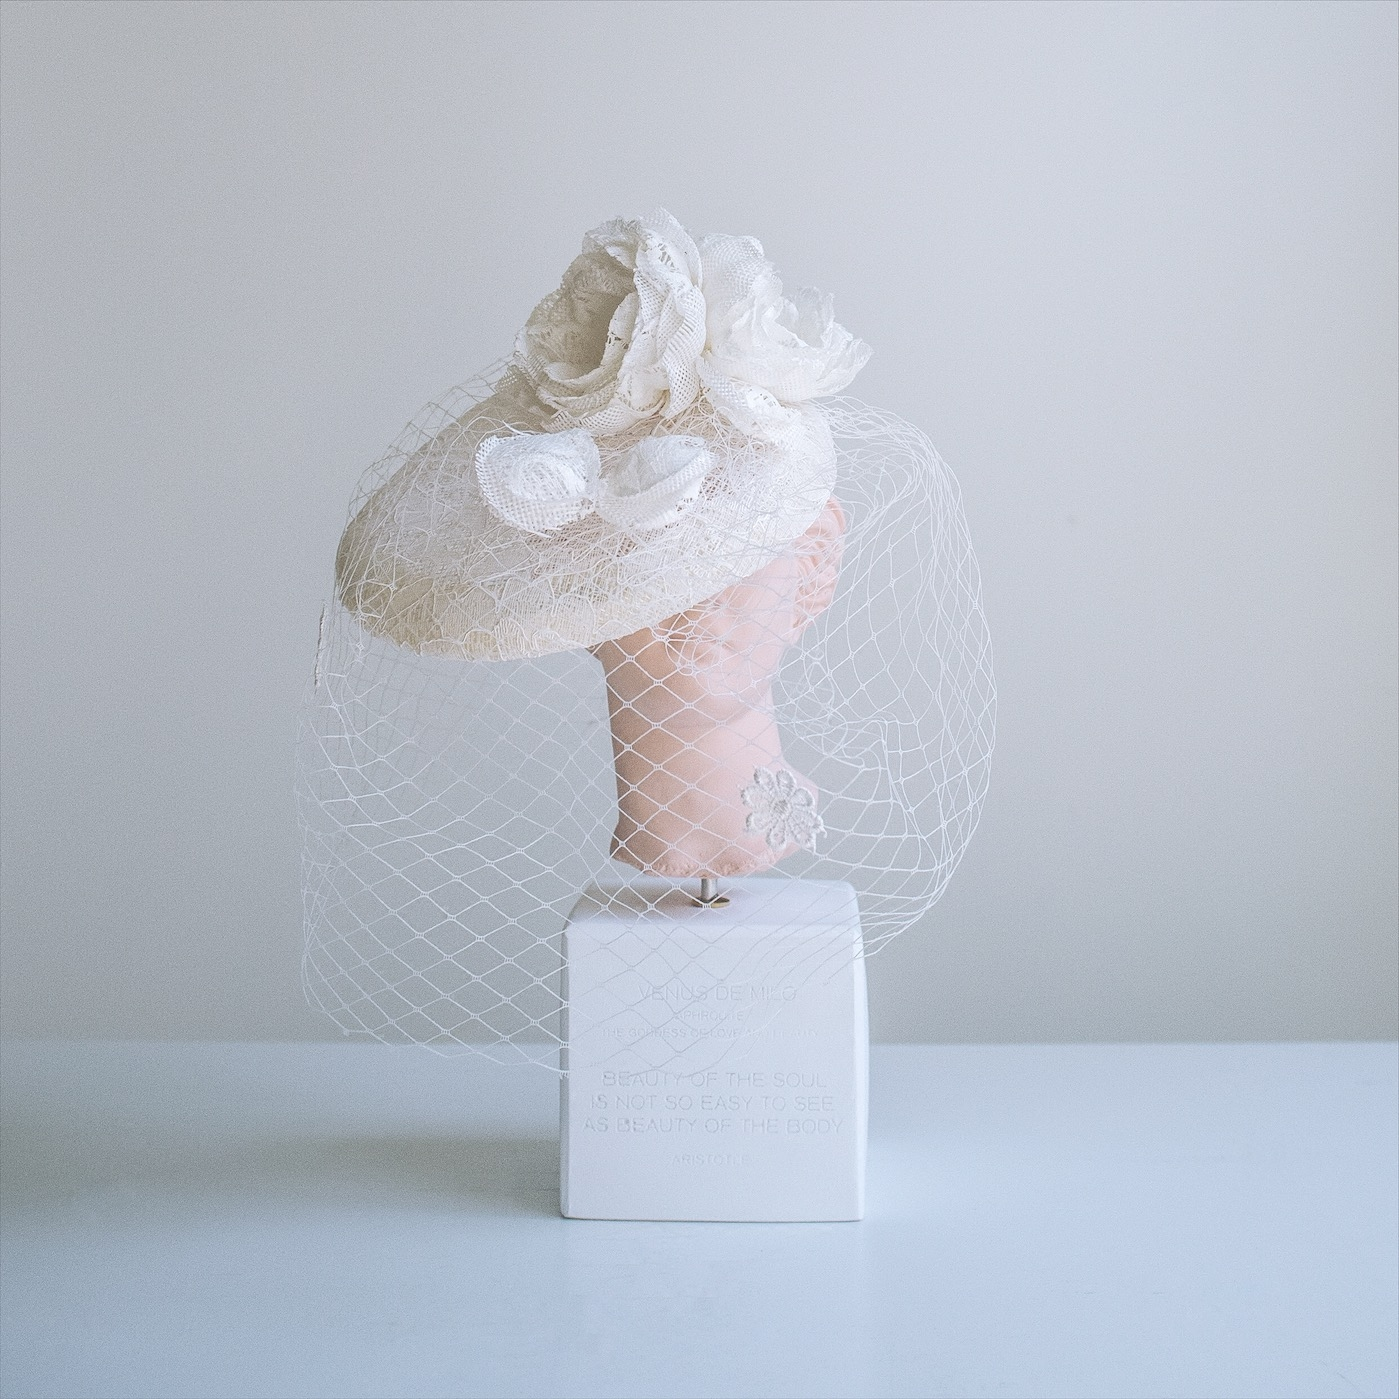 DREAMER оригинал ретро французский невеста бригада бить крышка лицо украшения крышка сын ручной